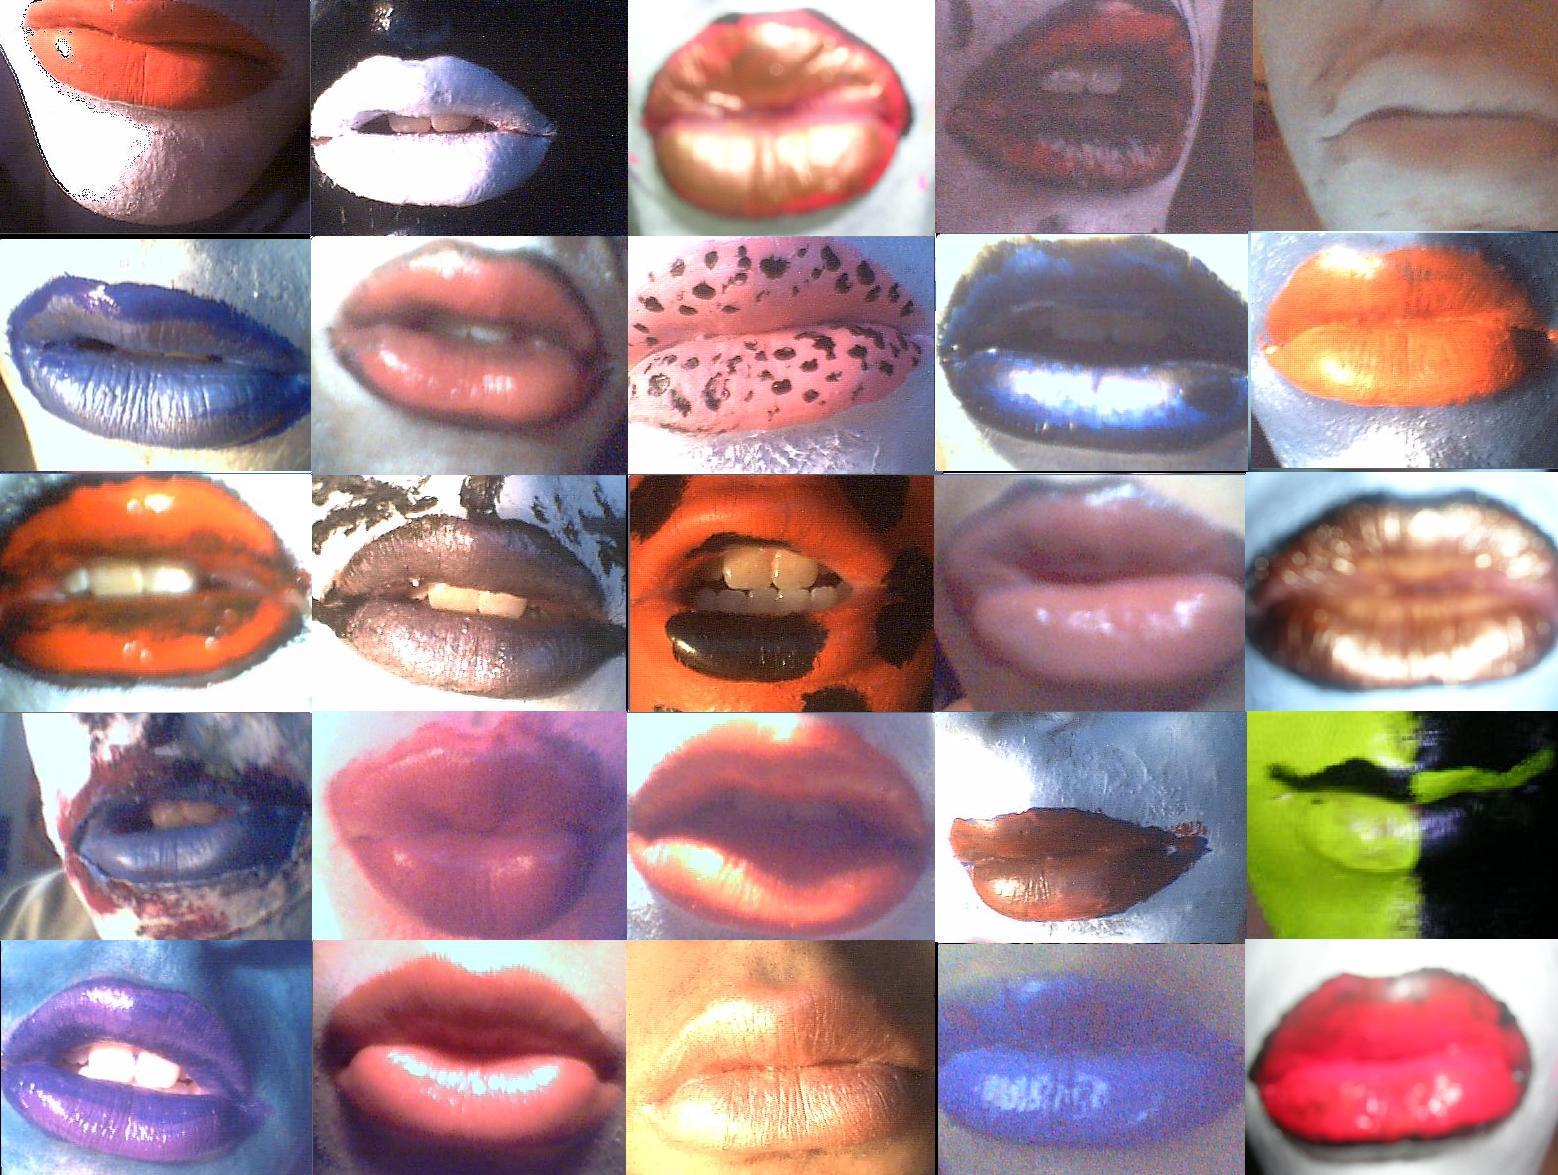 my lips by Dannysucks